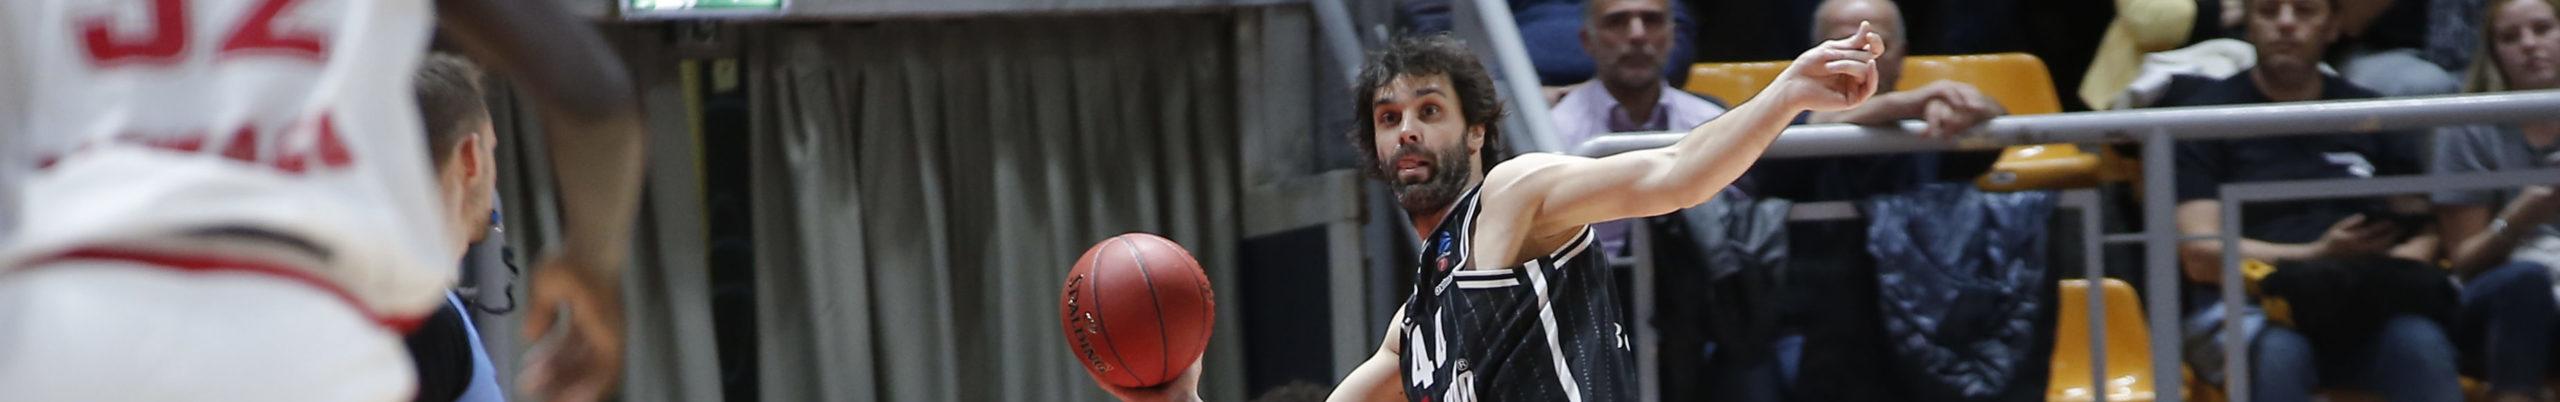 Virtus Bologna-Milano, nello scontro tra le due big della pallacanestro italiana spicca il duello Teodosic-Rodriguez